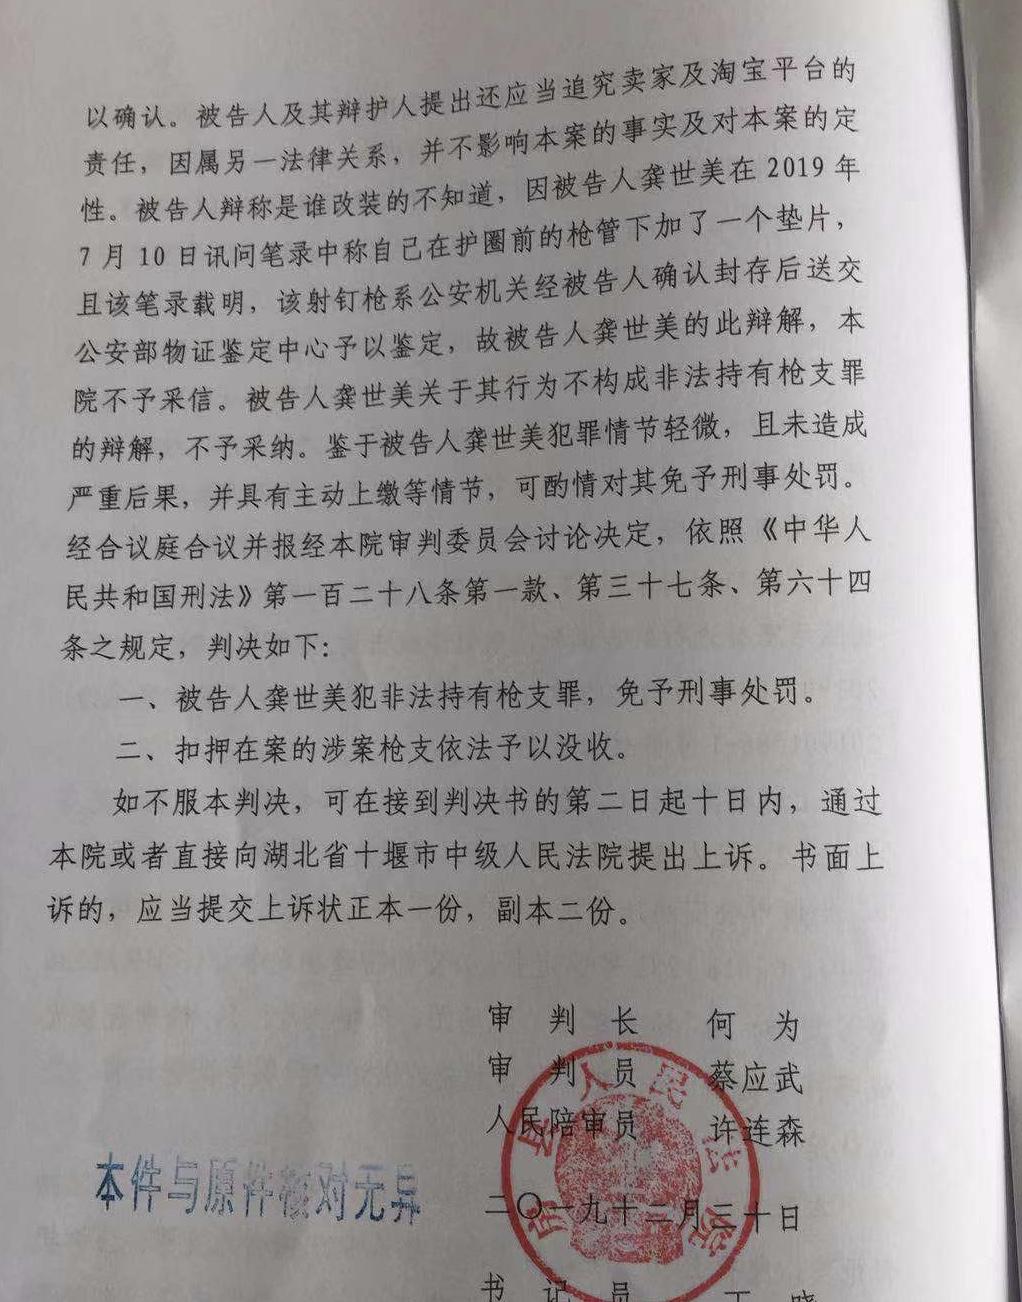 蓬佩奥祝贺蔡英文就职 国防部:以台制华注定徒劳